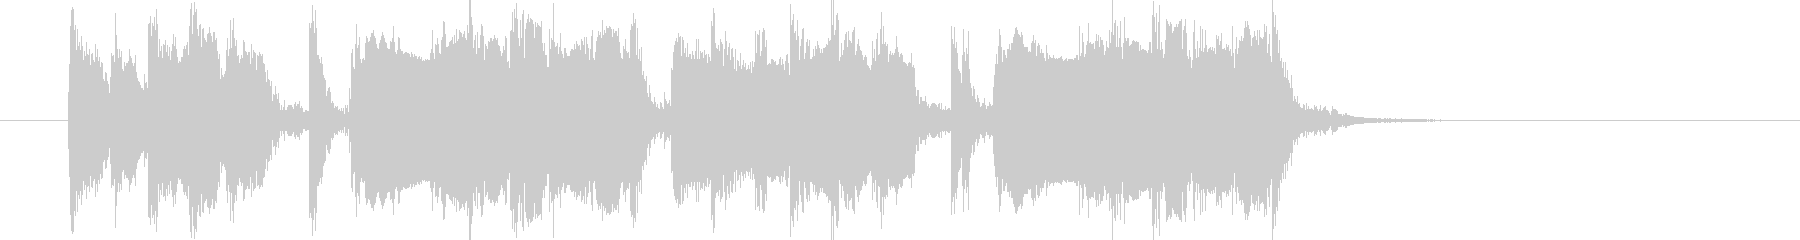 ギター効果音の未再生の波形